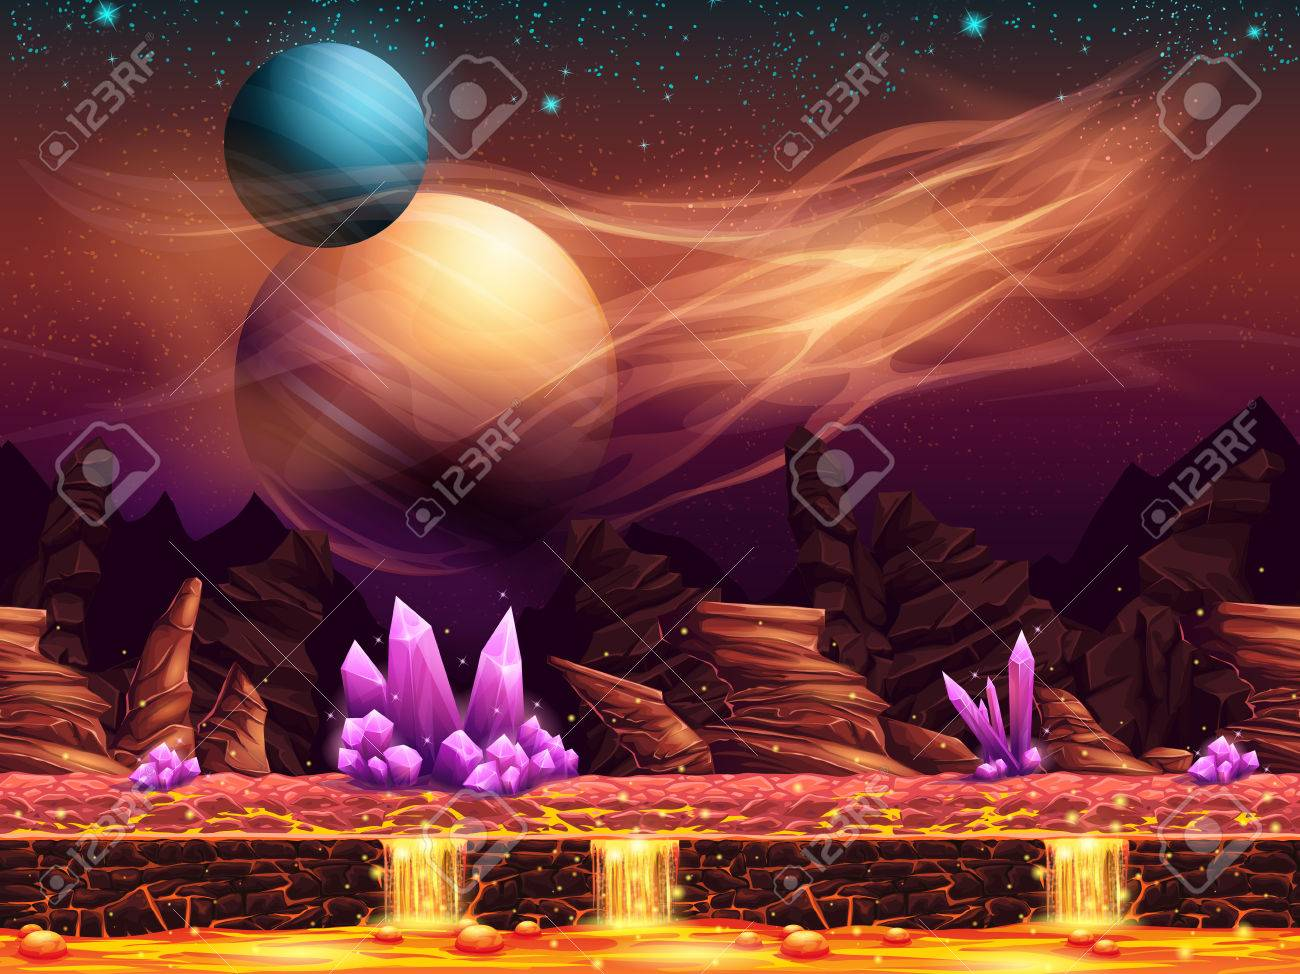 幻想的な風景 赤い惑星のイラストのイラスト素材ベクタ Image